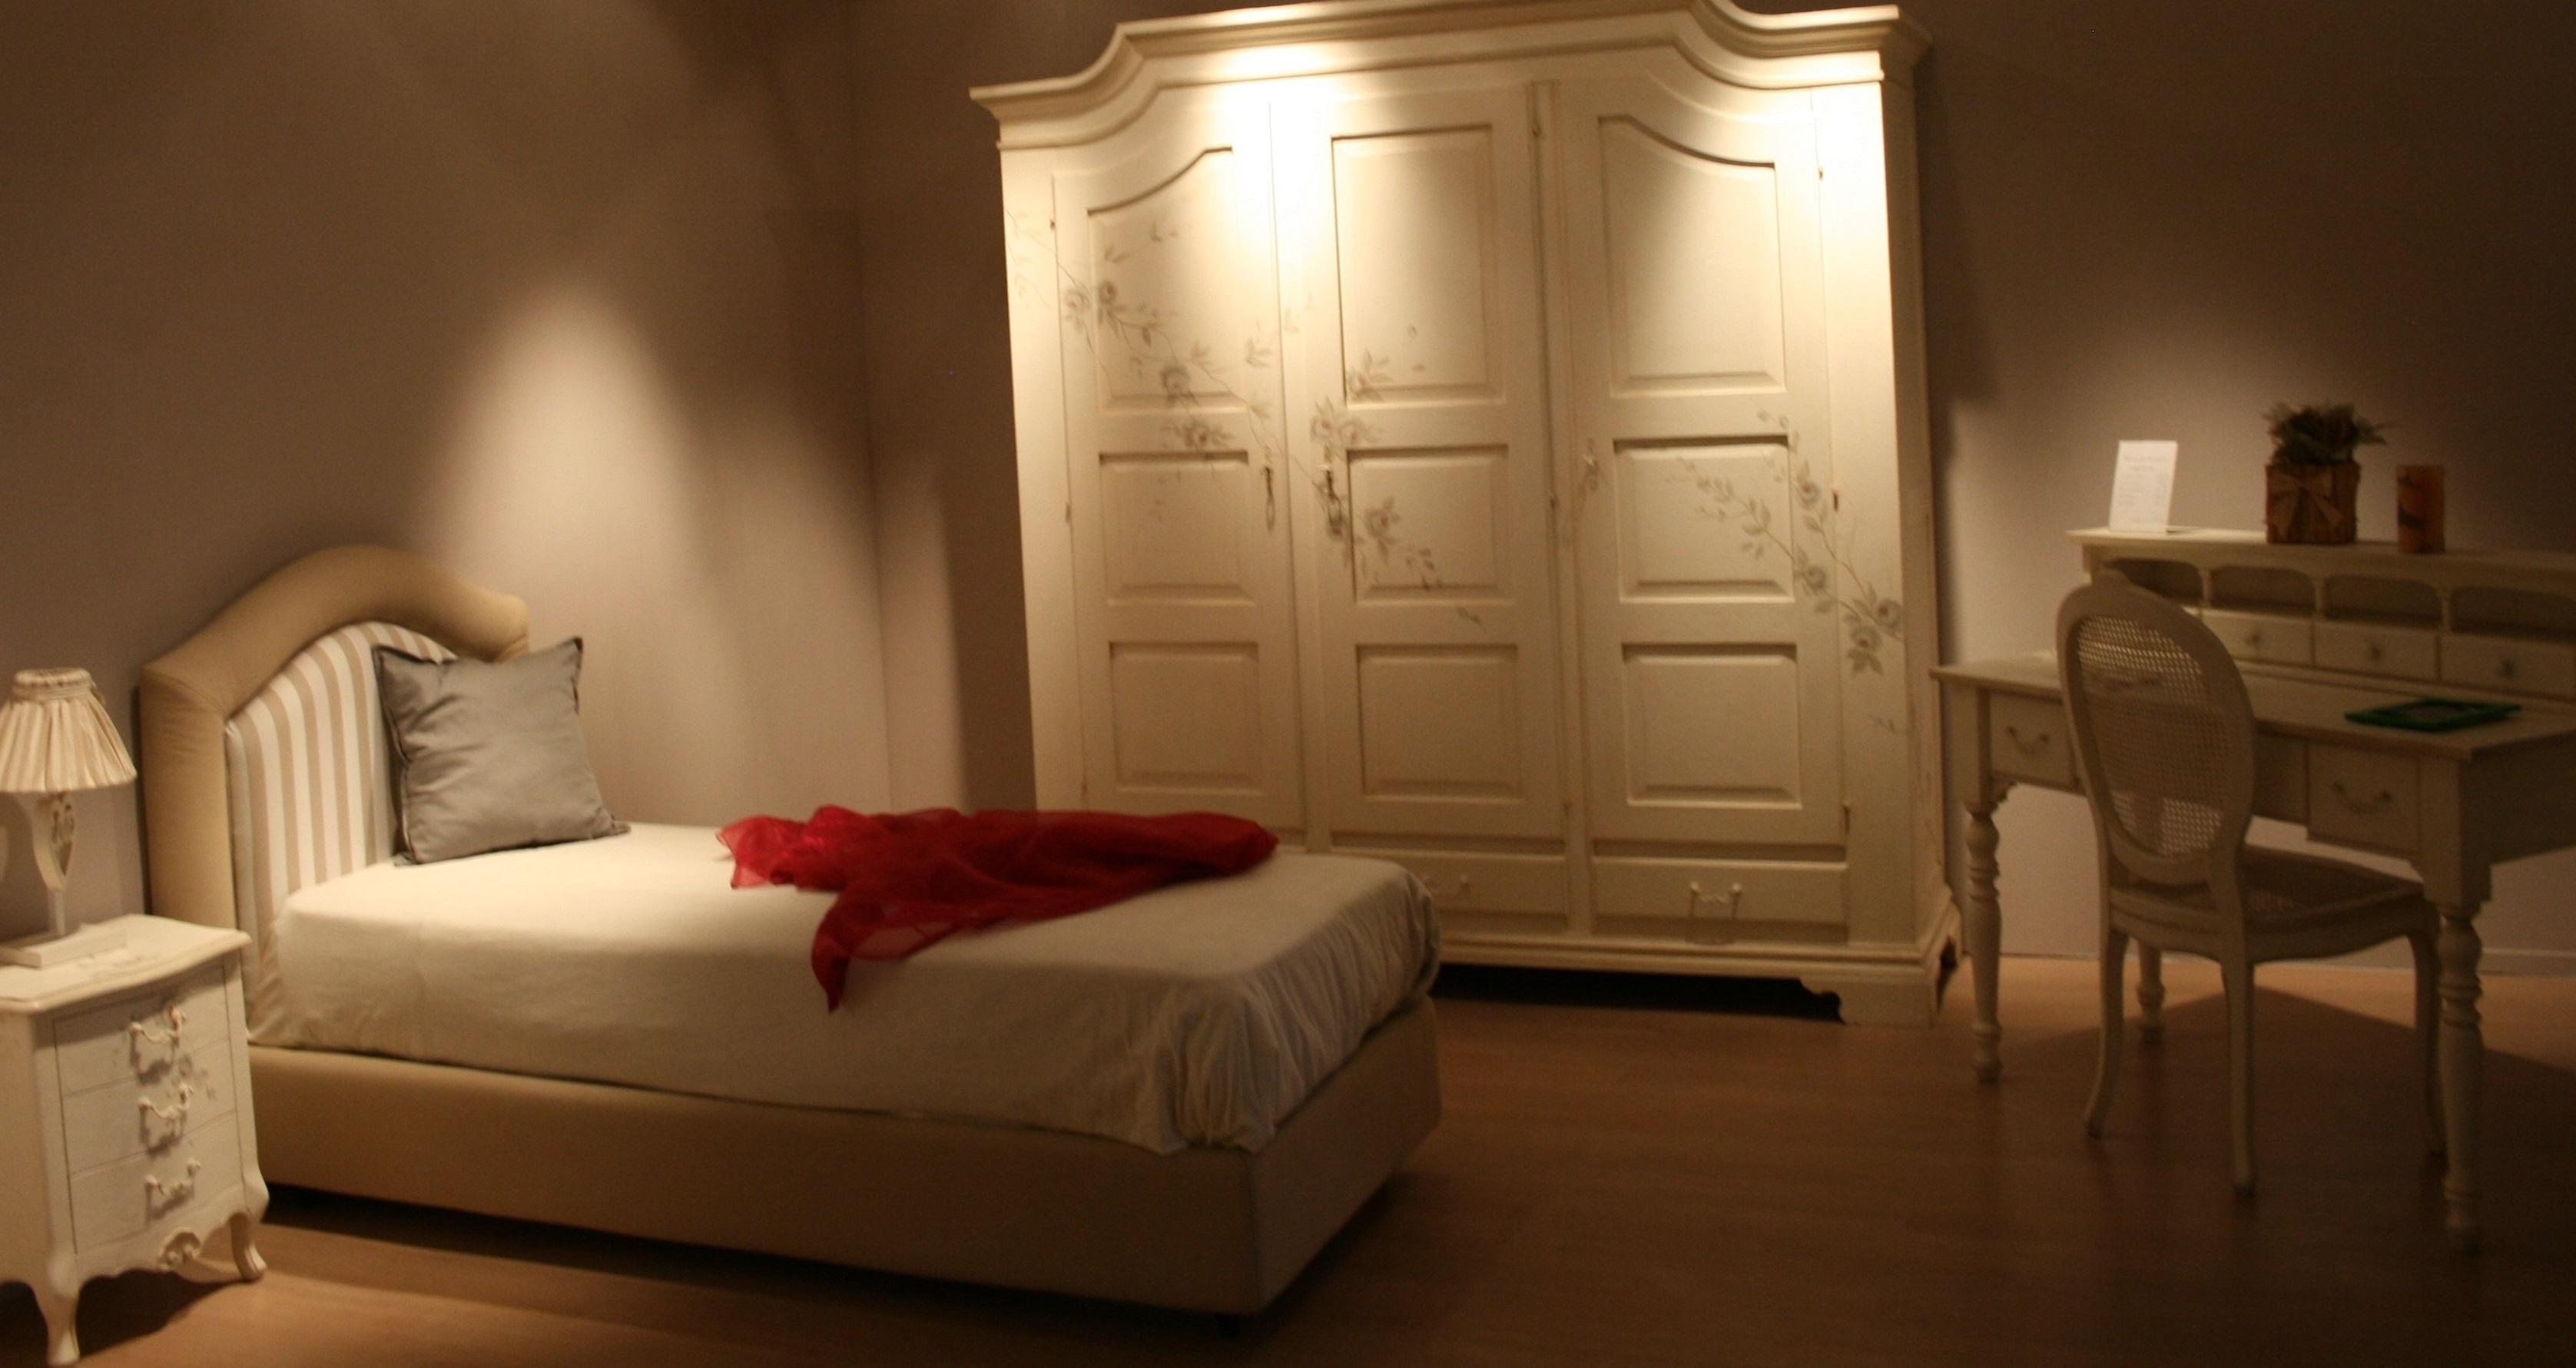 Cameretta in legno color bianco shabby classica for Camerette in legno massello